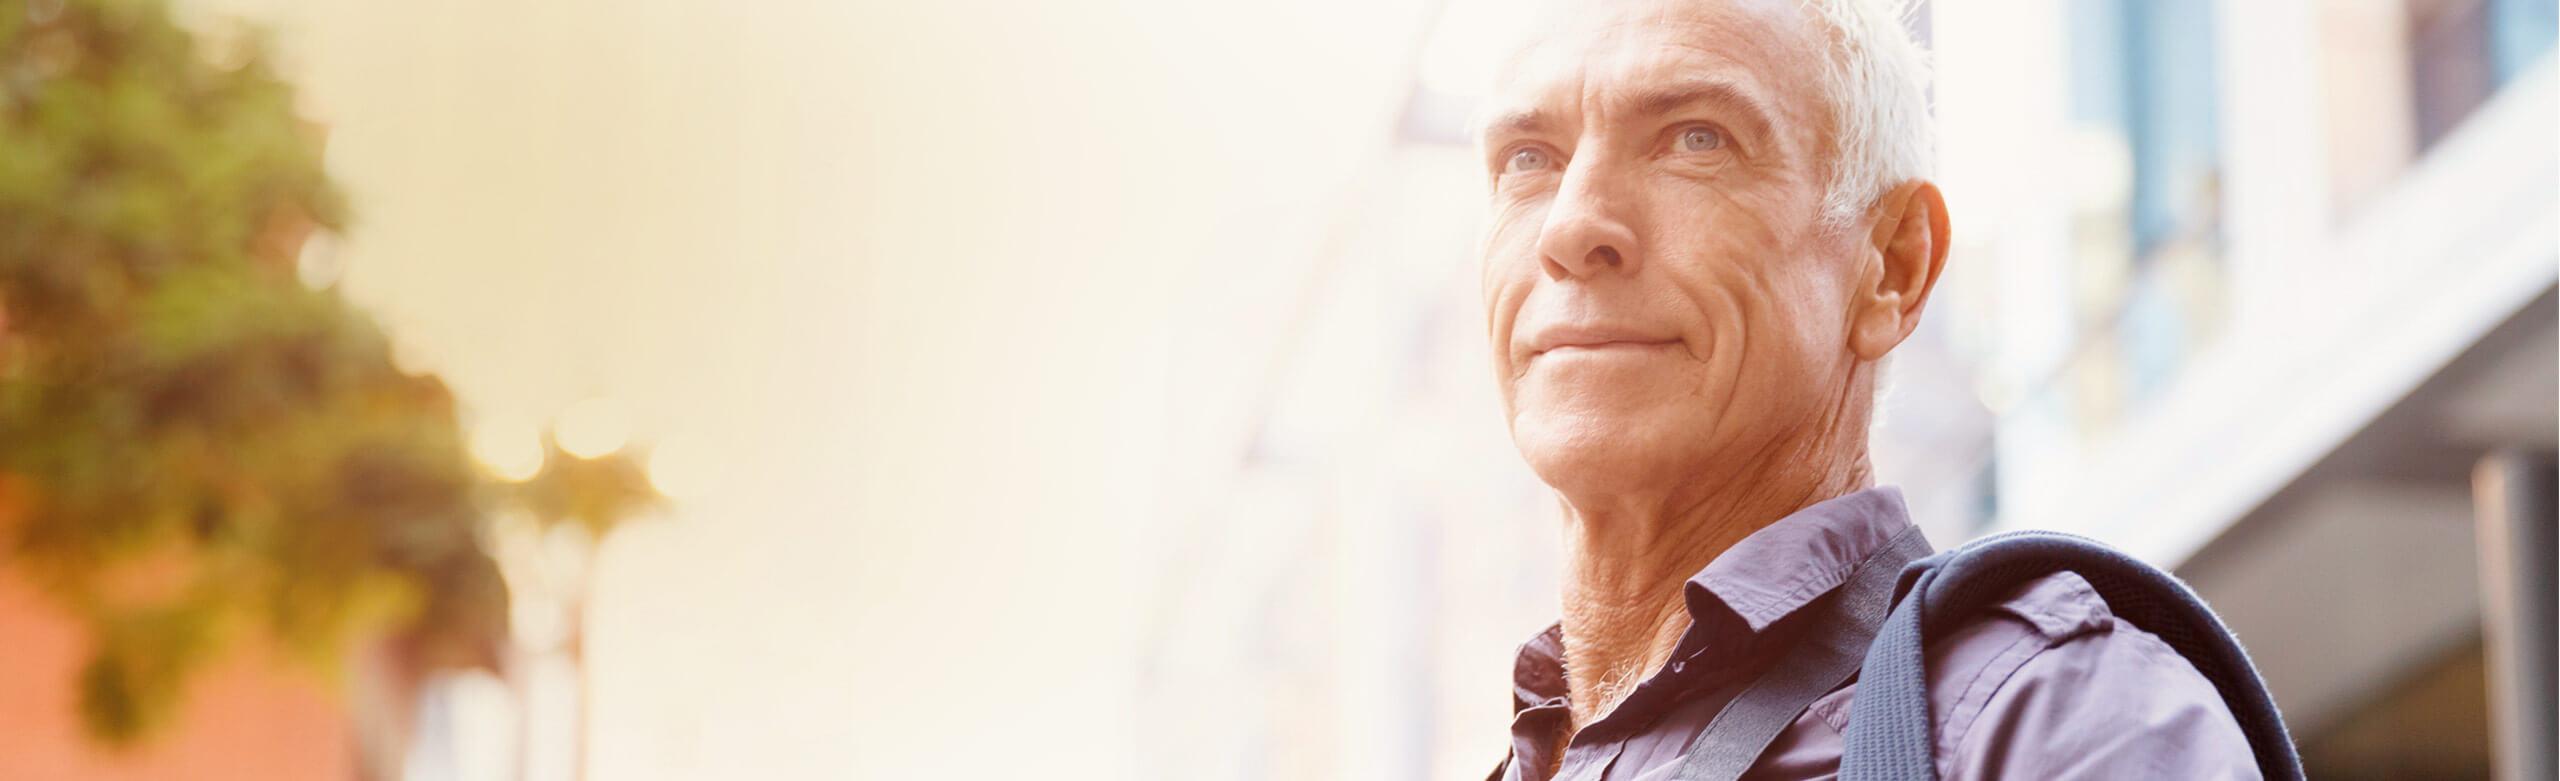 Imagen de un hombre mirando a lo lejos con confianza.